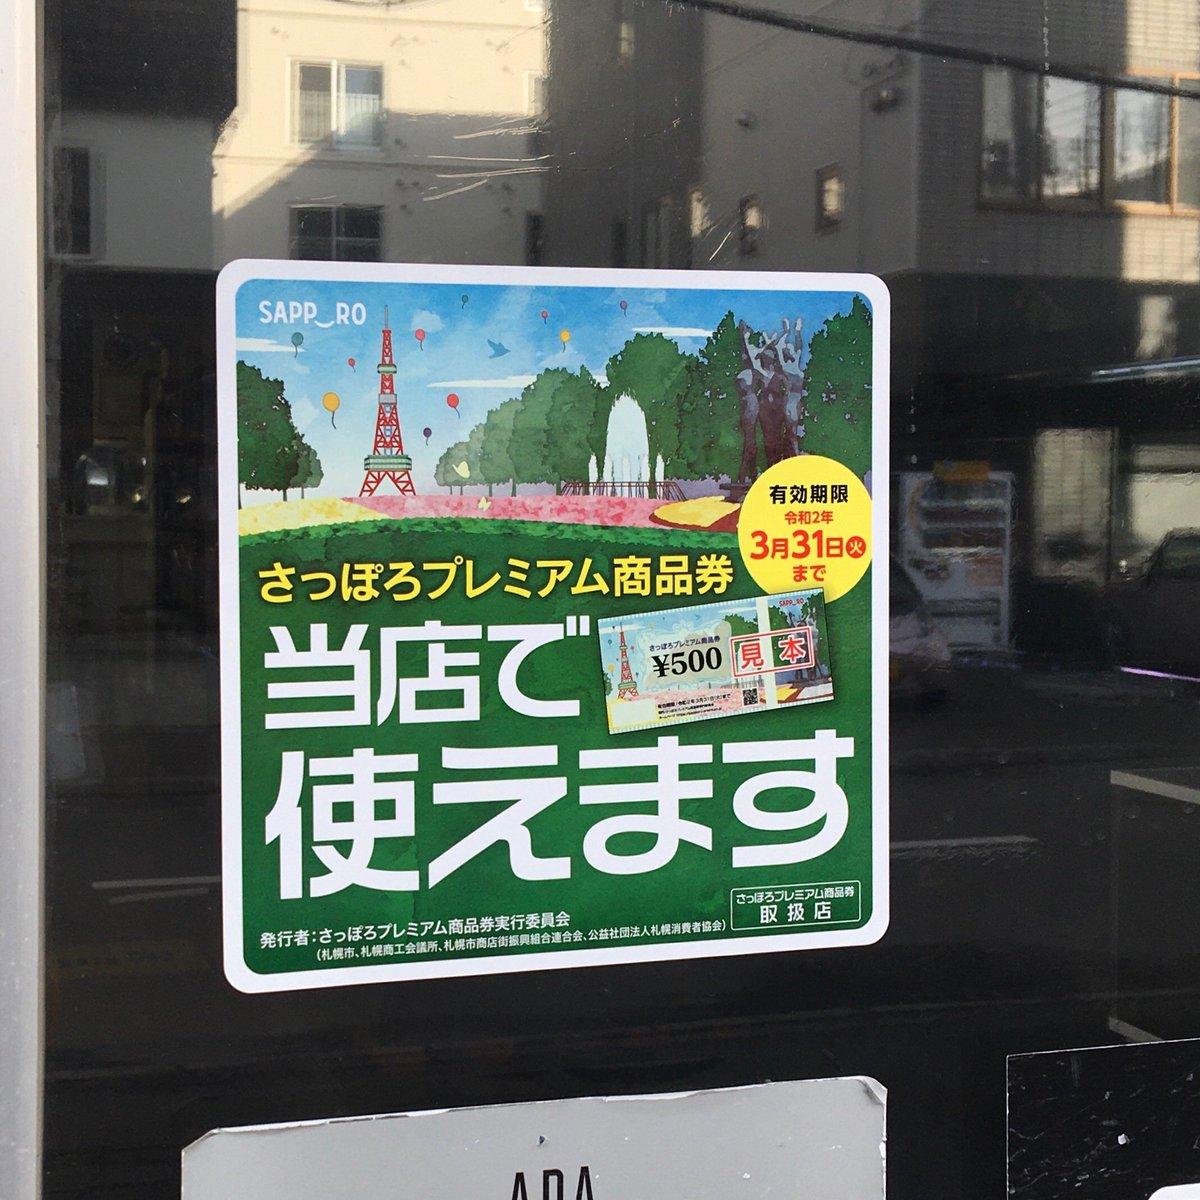 プレミアム 商品 市 券 札幌